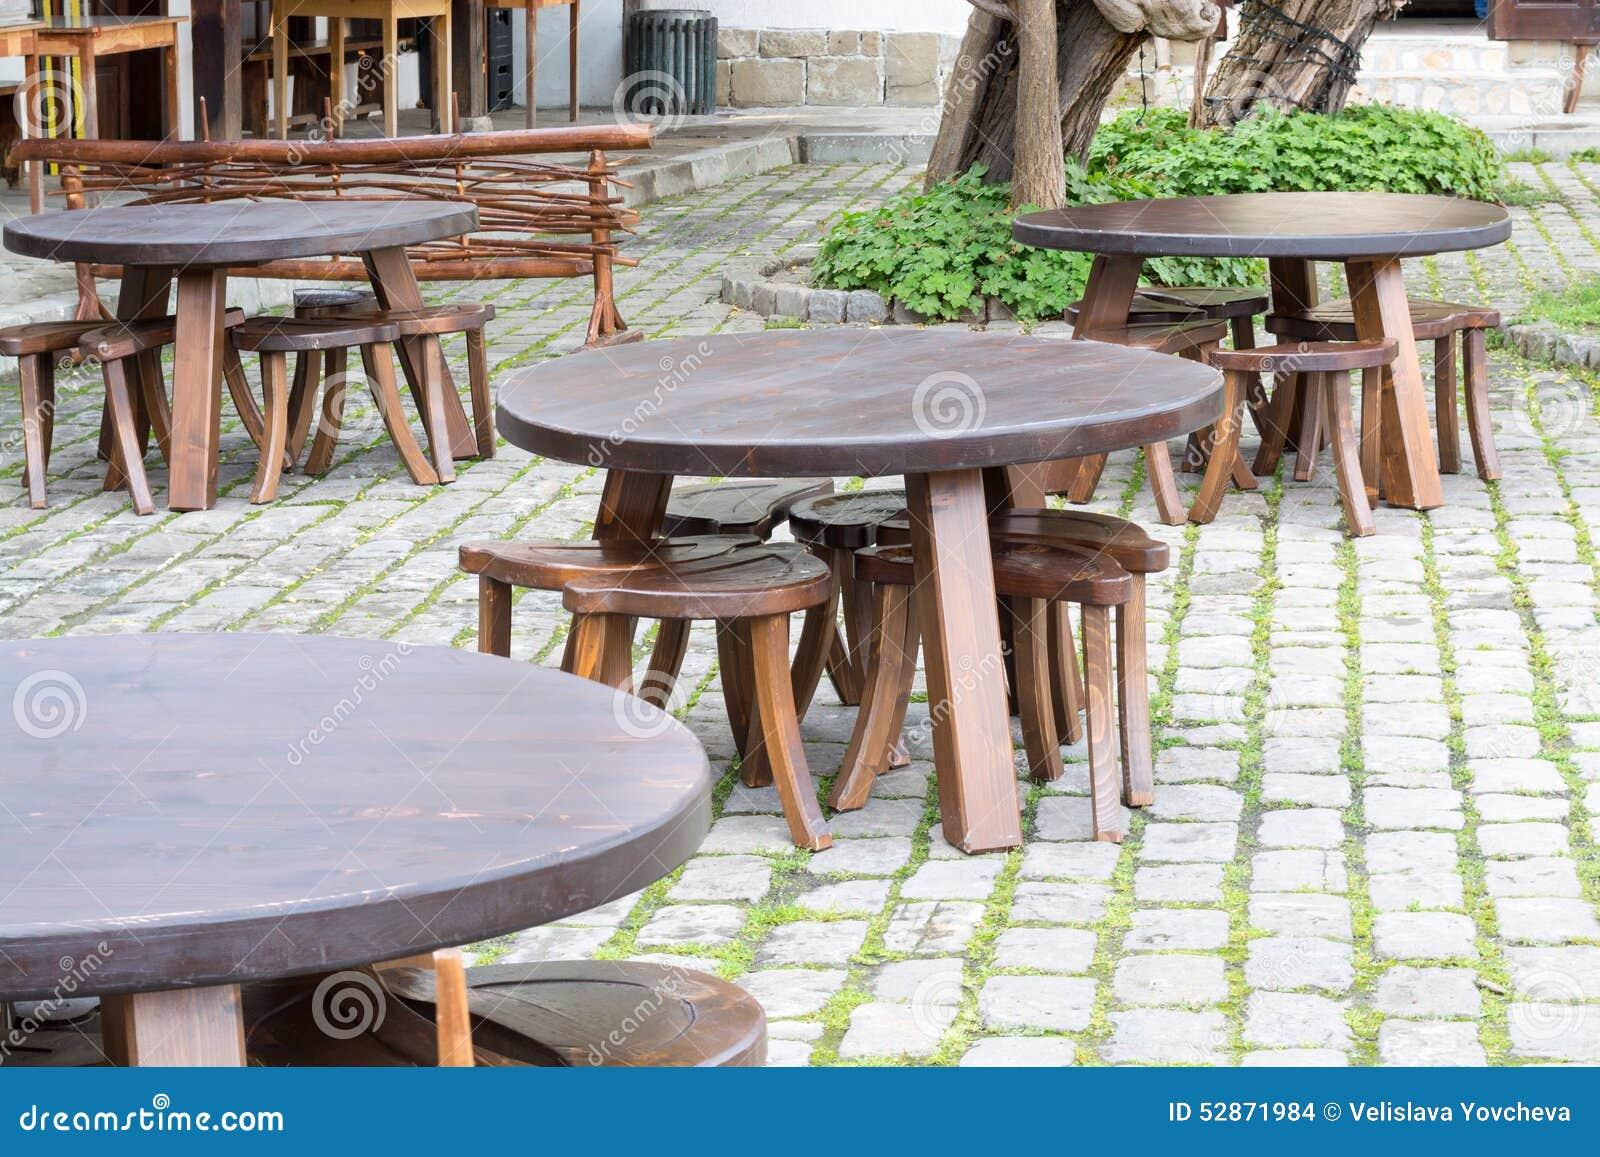 соберите деревянные столы в традиционном болгарском стиле на улице